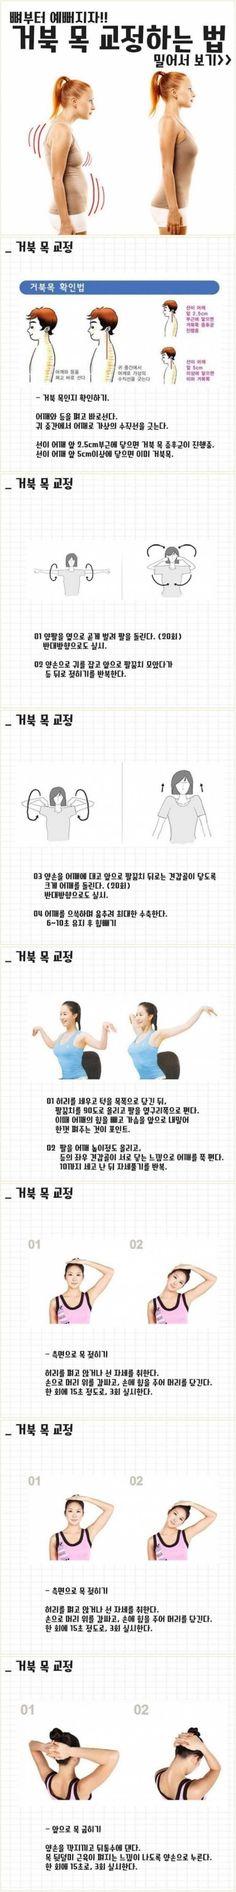 [공유] 거북 목 교정 방법 : 네이버 블로그 Fitness Workout For Women, Information Graphics, Just Do It, Fit Women, Life Is Good, Health Care, Infographic, Health Fitness, Muscle